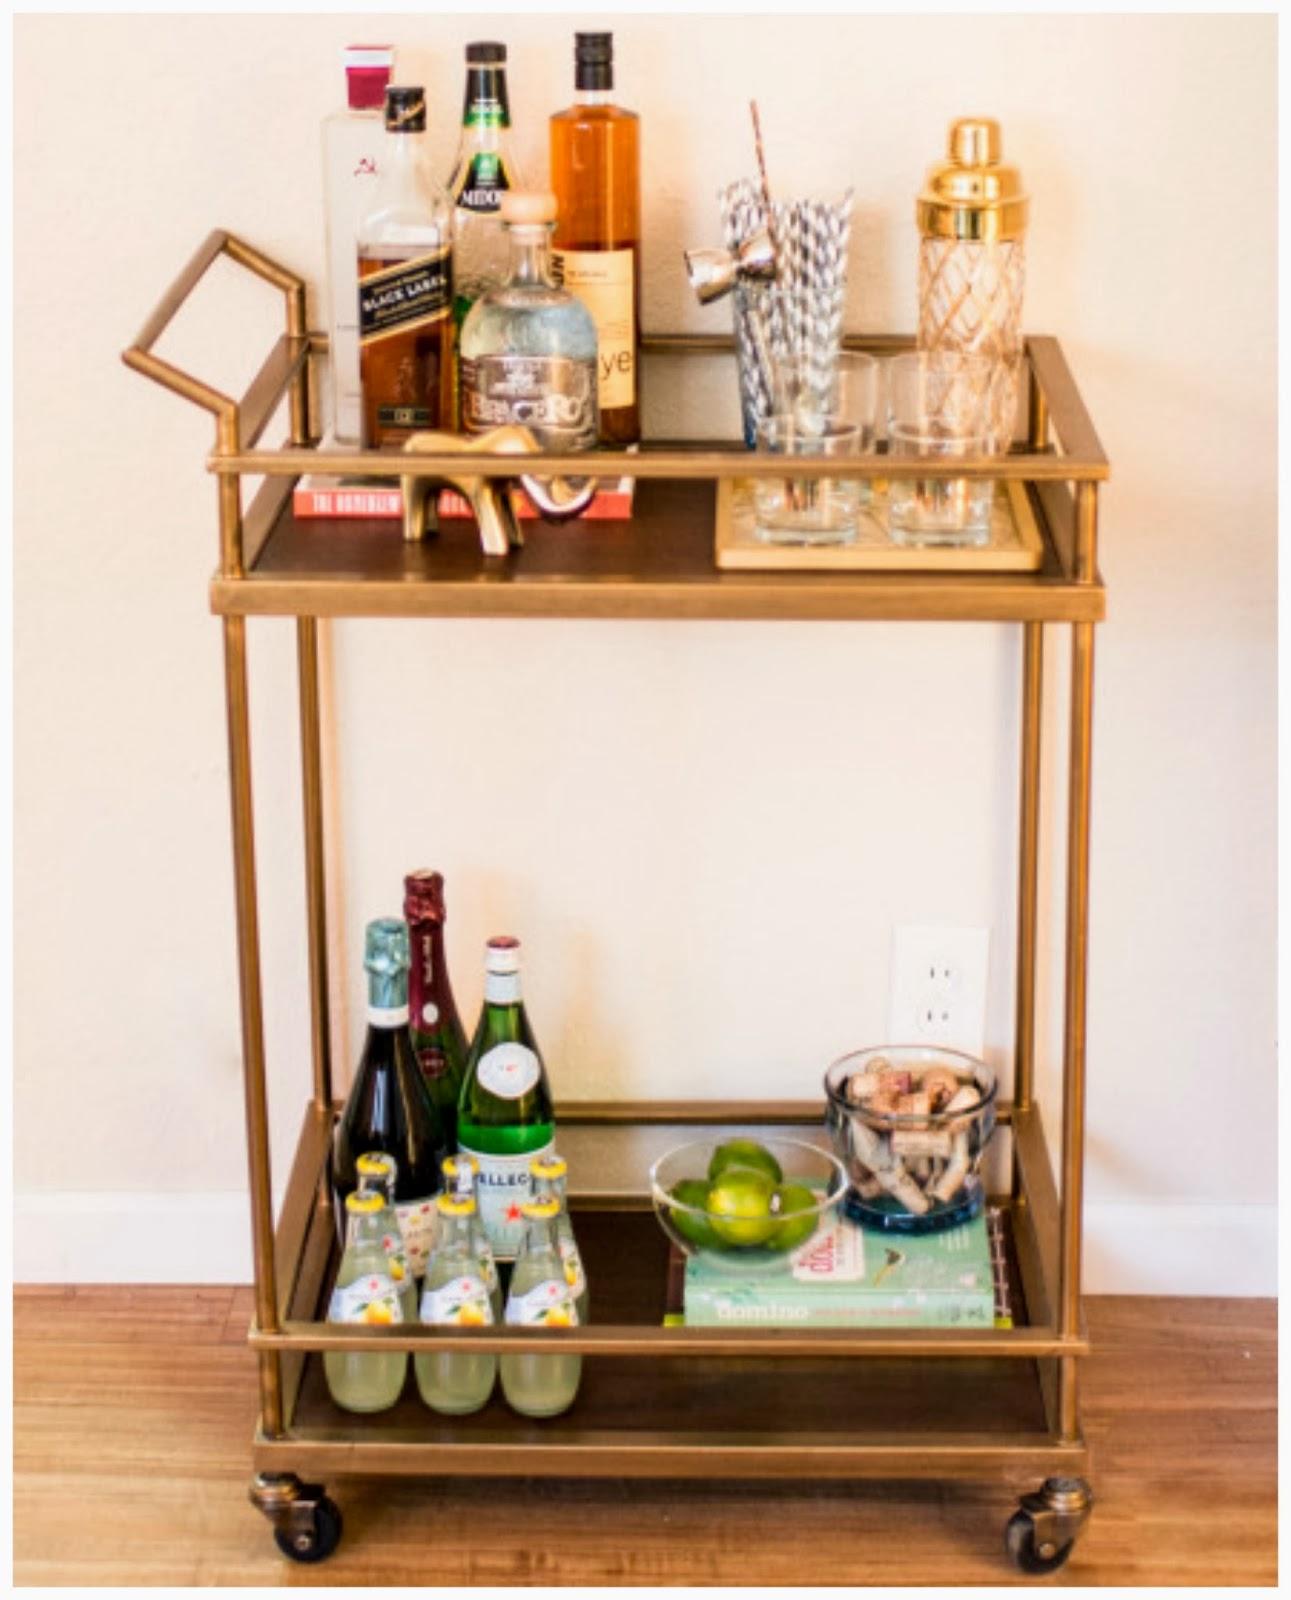 rosa beltran design friday find affordable brass bar cart. Black Bedroom Furniture Sets. Home Design Ideas